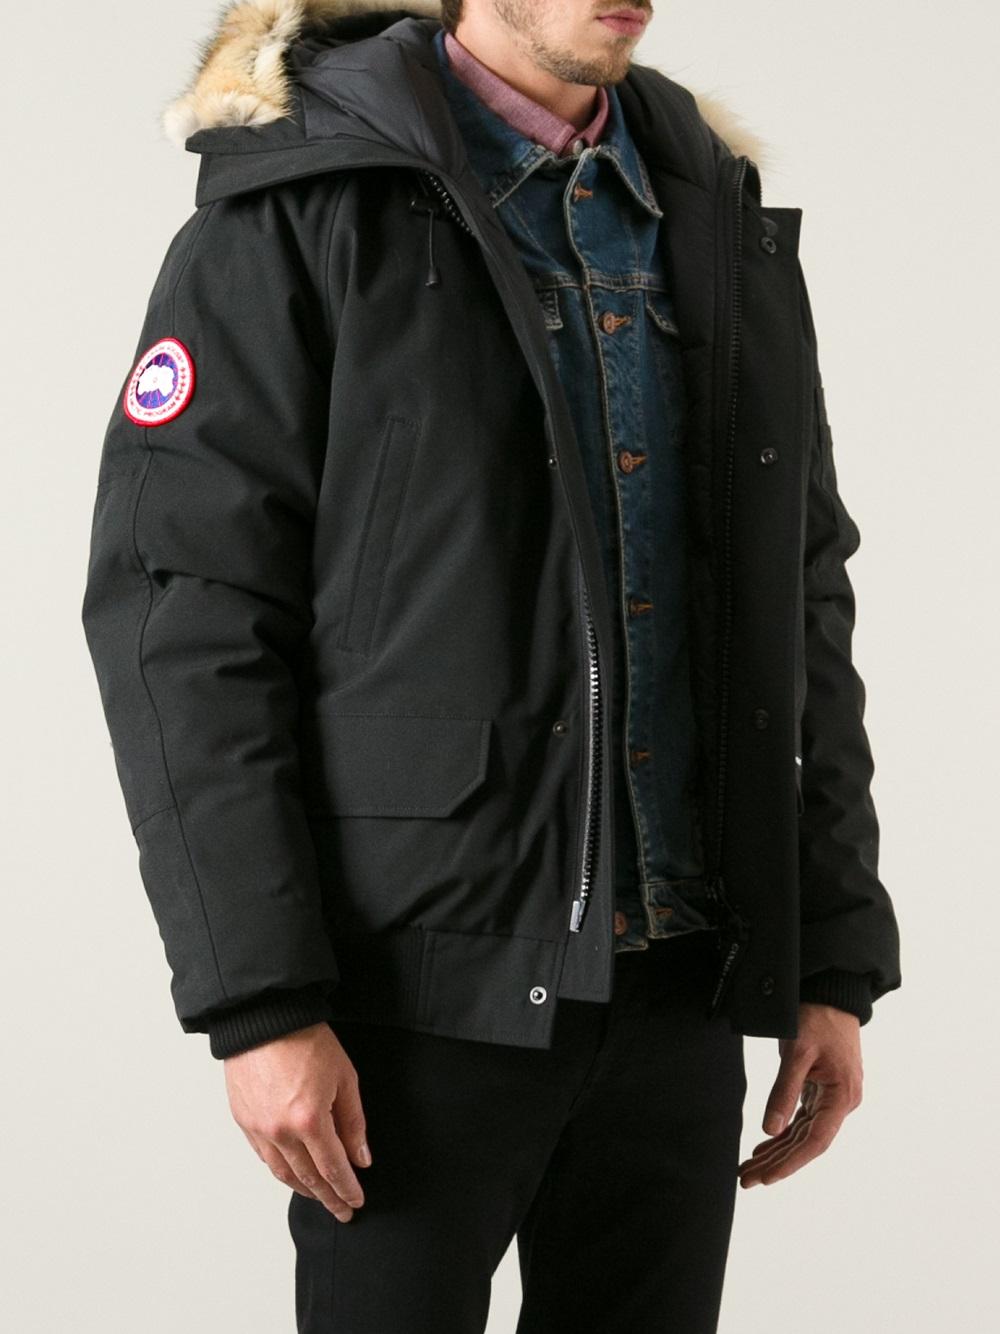 Canada Goose trillium parka sale price - Canada goose 'chilliwack' Bomber in Black for Men | Lyst